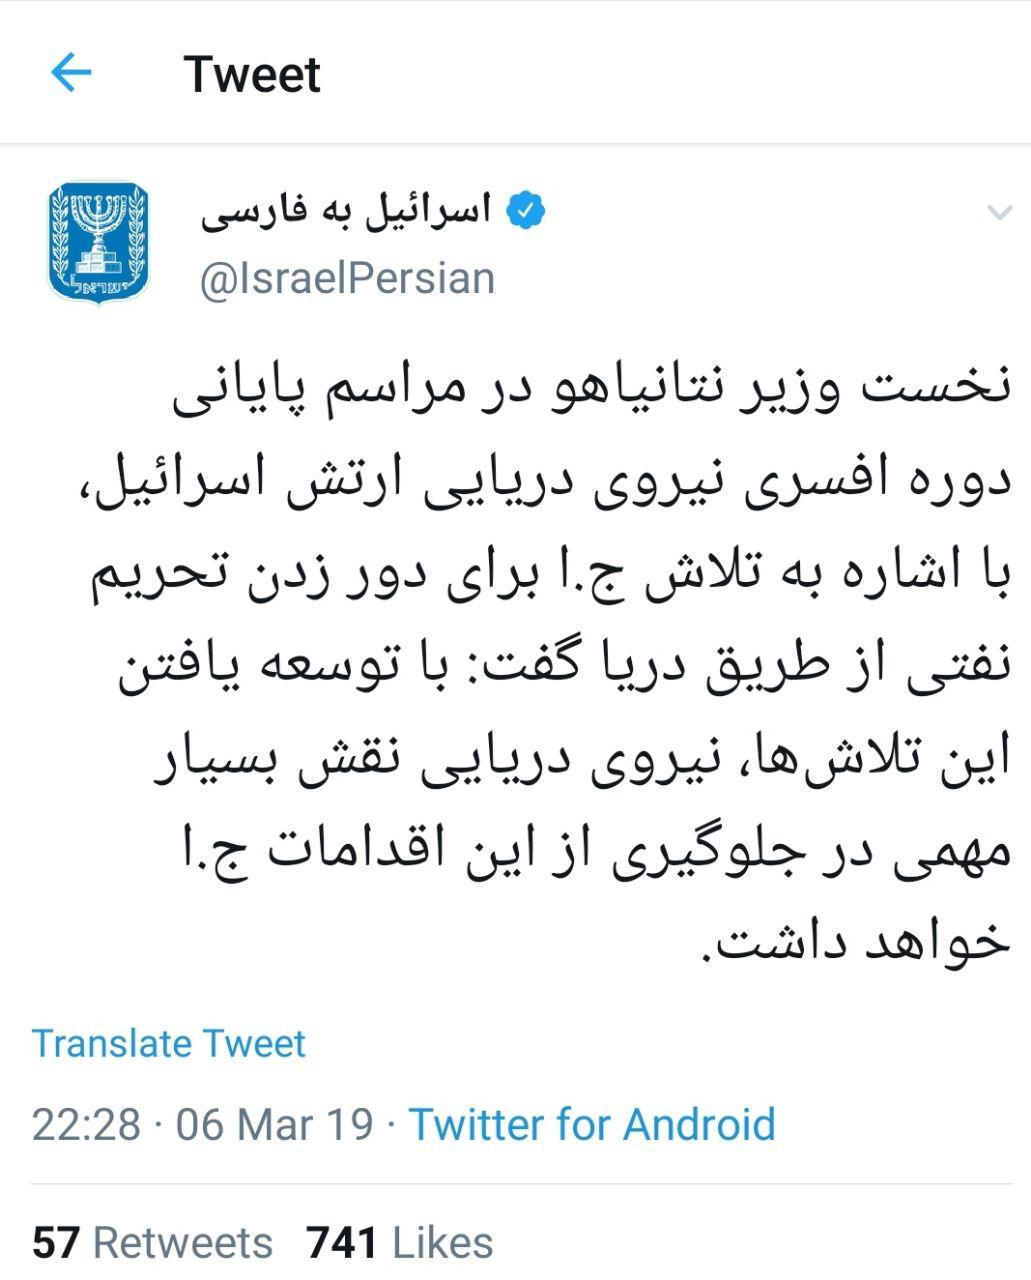 ۳ حادثه برای نفتکشهای ایرانی در دریای سرخ در ۶ ماه / آیا اظهارات روحانی به معنای یک خرابکاری از سوی اسرائیل است؟ / نتانیاهو دو ماه قبل از سلسله حوادث اخیر برای نفتکشهای ایرانی چه گفته بود؟